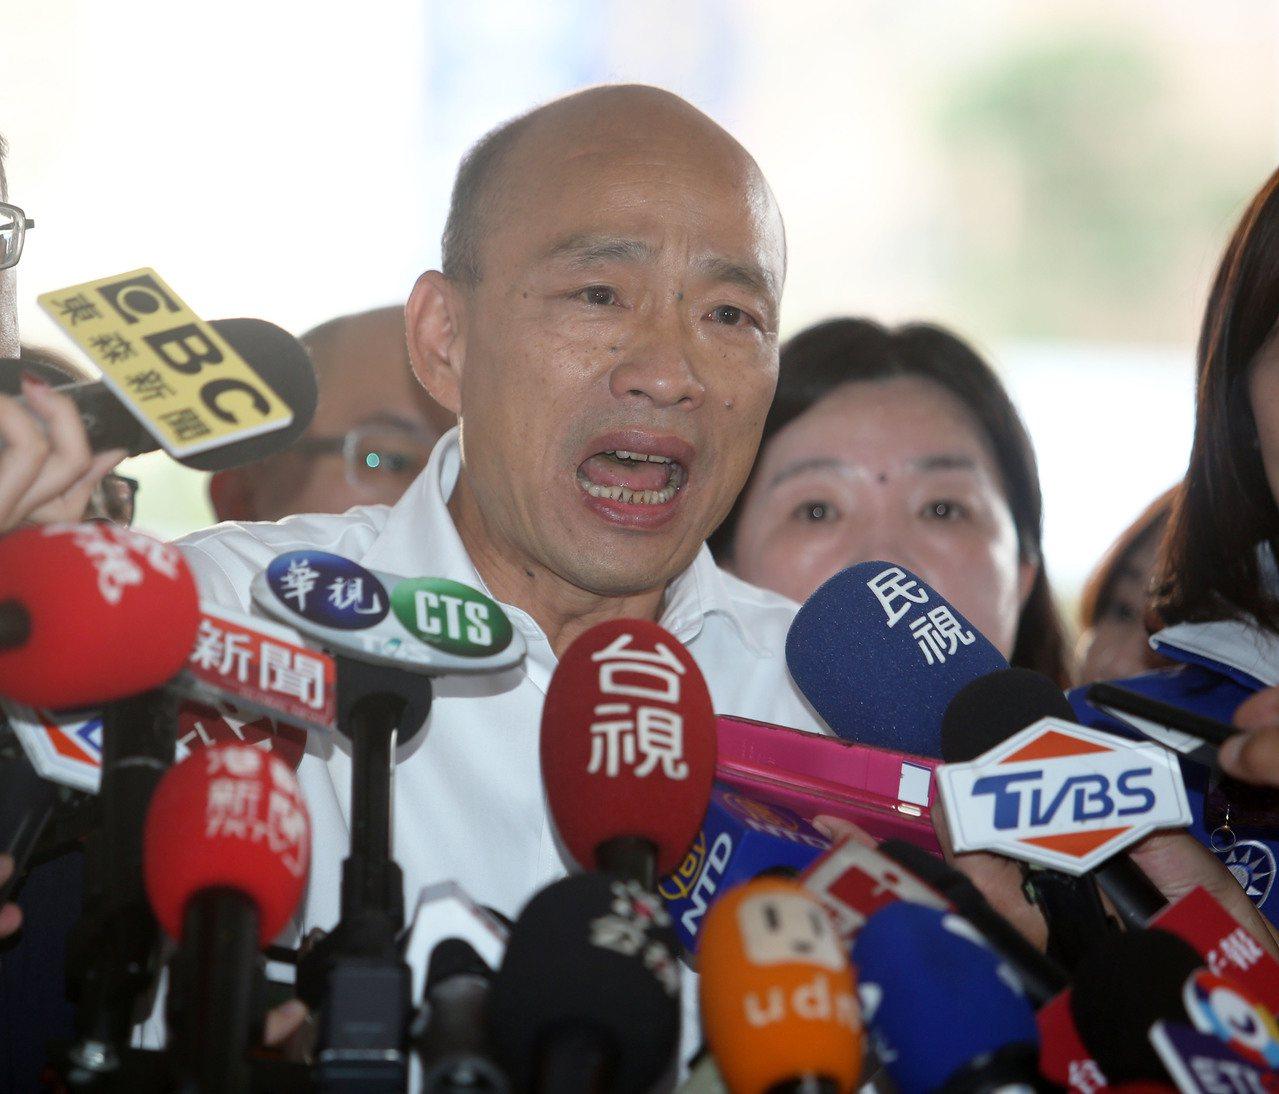 韓國瑜上節目被問到「市長是否做滿4年」時曾引發爭議。 圖/聯合報系資料照片